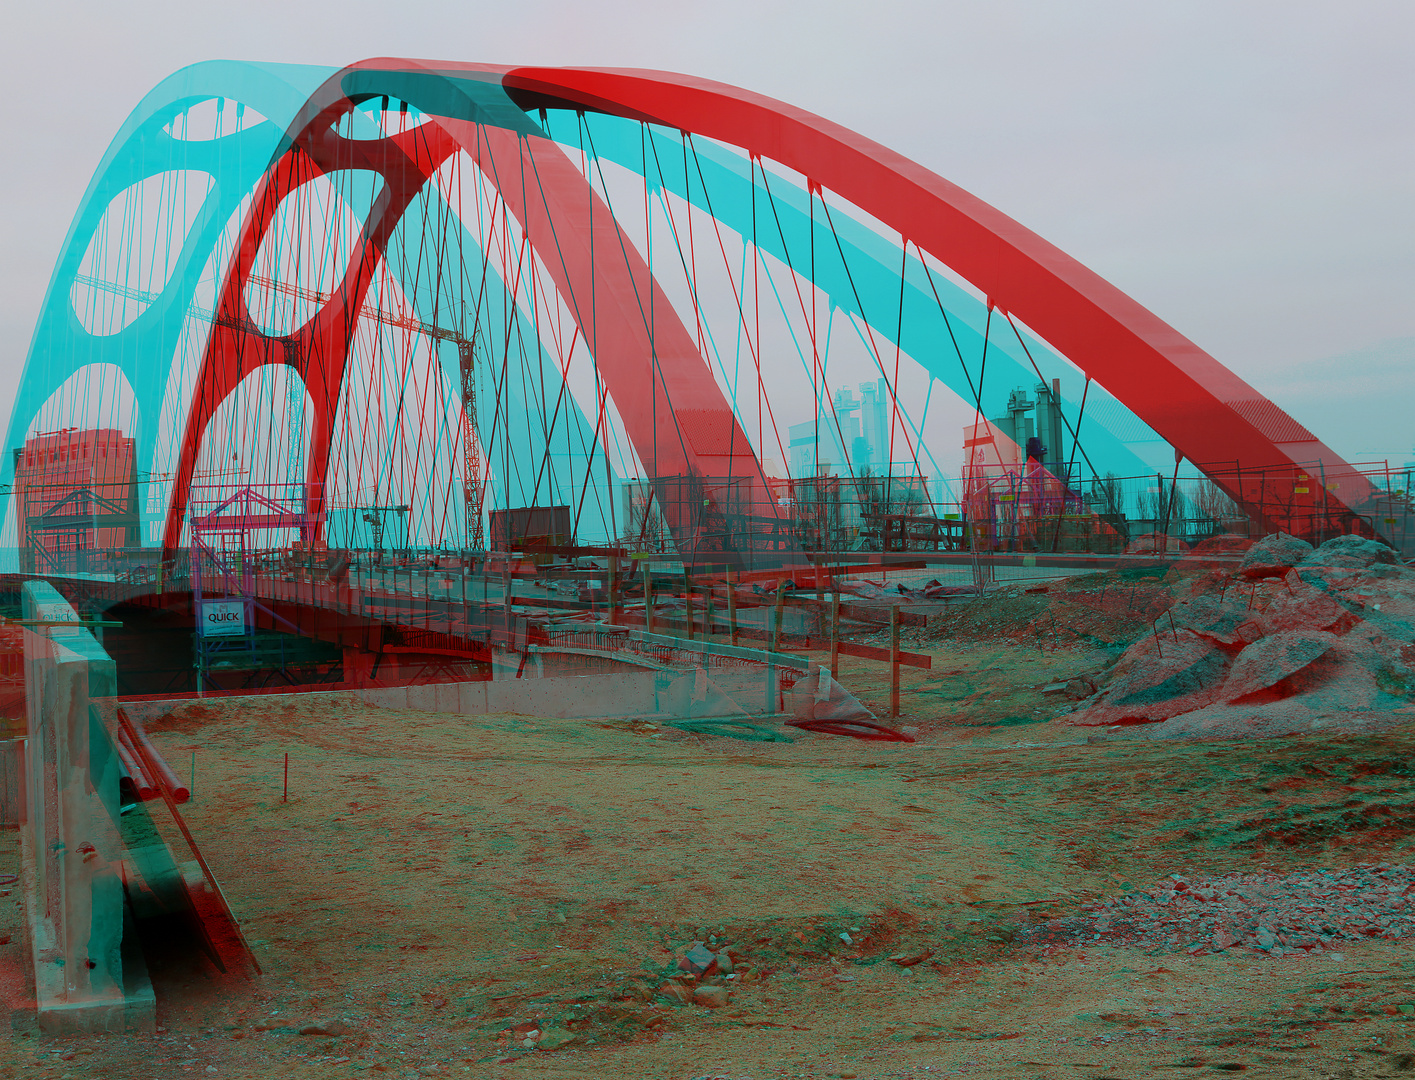 Der Brückenbau macht Fortschritte....